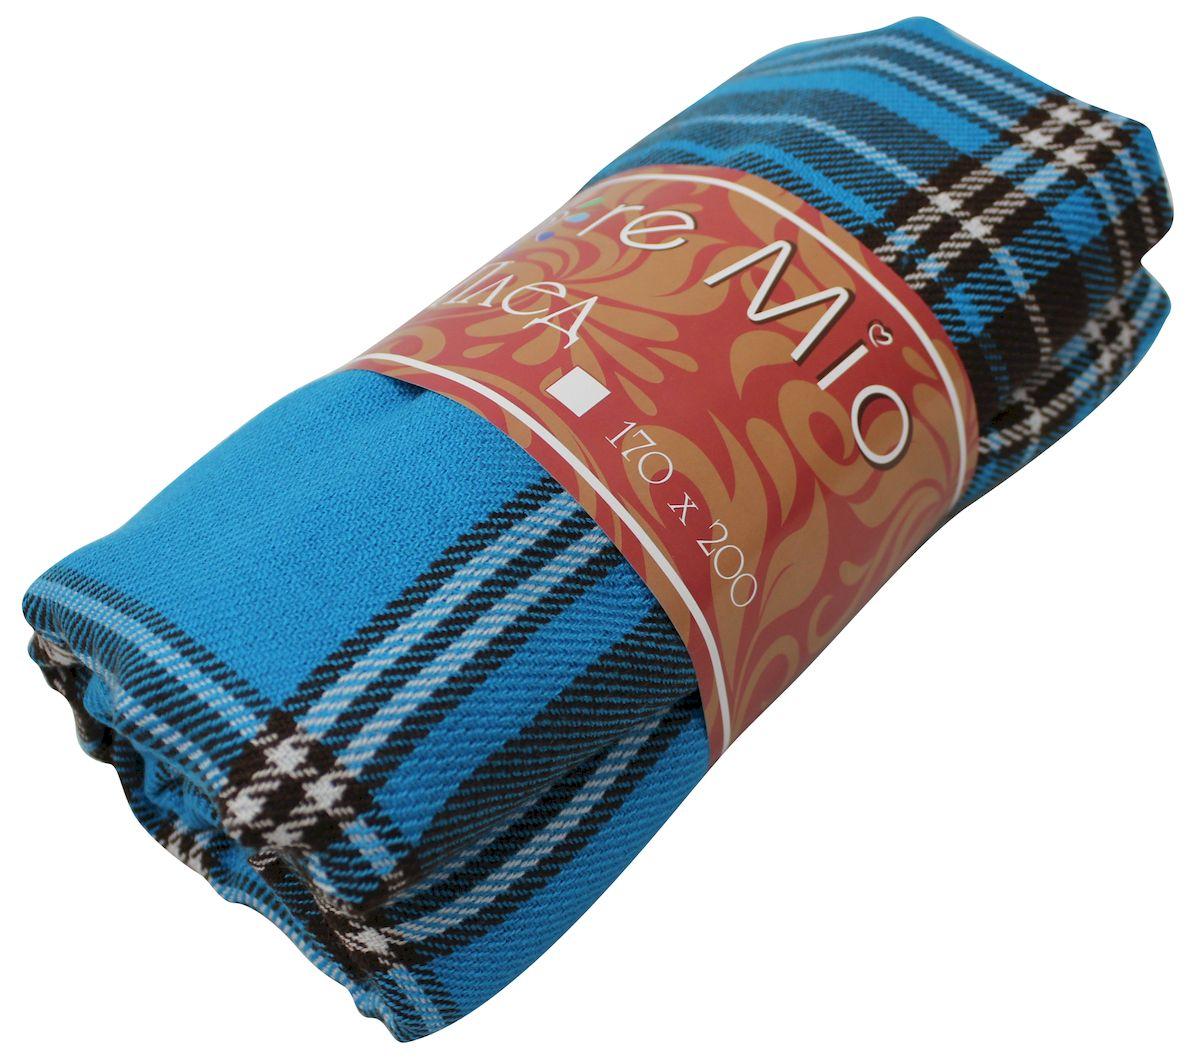 Плед Amore Mio Azure, 170 х 200 см2086/CHAR001Мягкий, теплый и уютный плед с кистями Amore Mio изготовлен из 100% акрила. Не зря в народе за акрилом закрепилось имя искусственной шерсти. Акриловое волокно великолепно удерживает тепло, оно практично и долговечно. Еще одно преимущество - в цене, так как по факту акрил значительно дешевле натуральной шерсти.